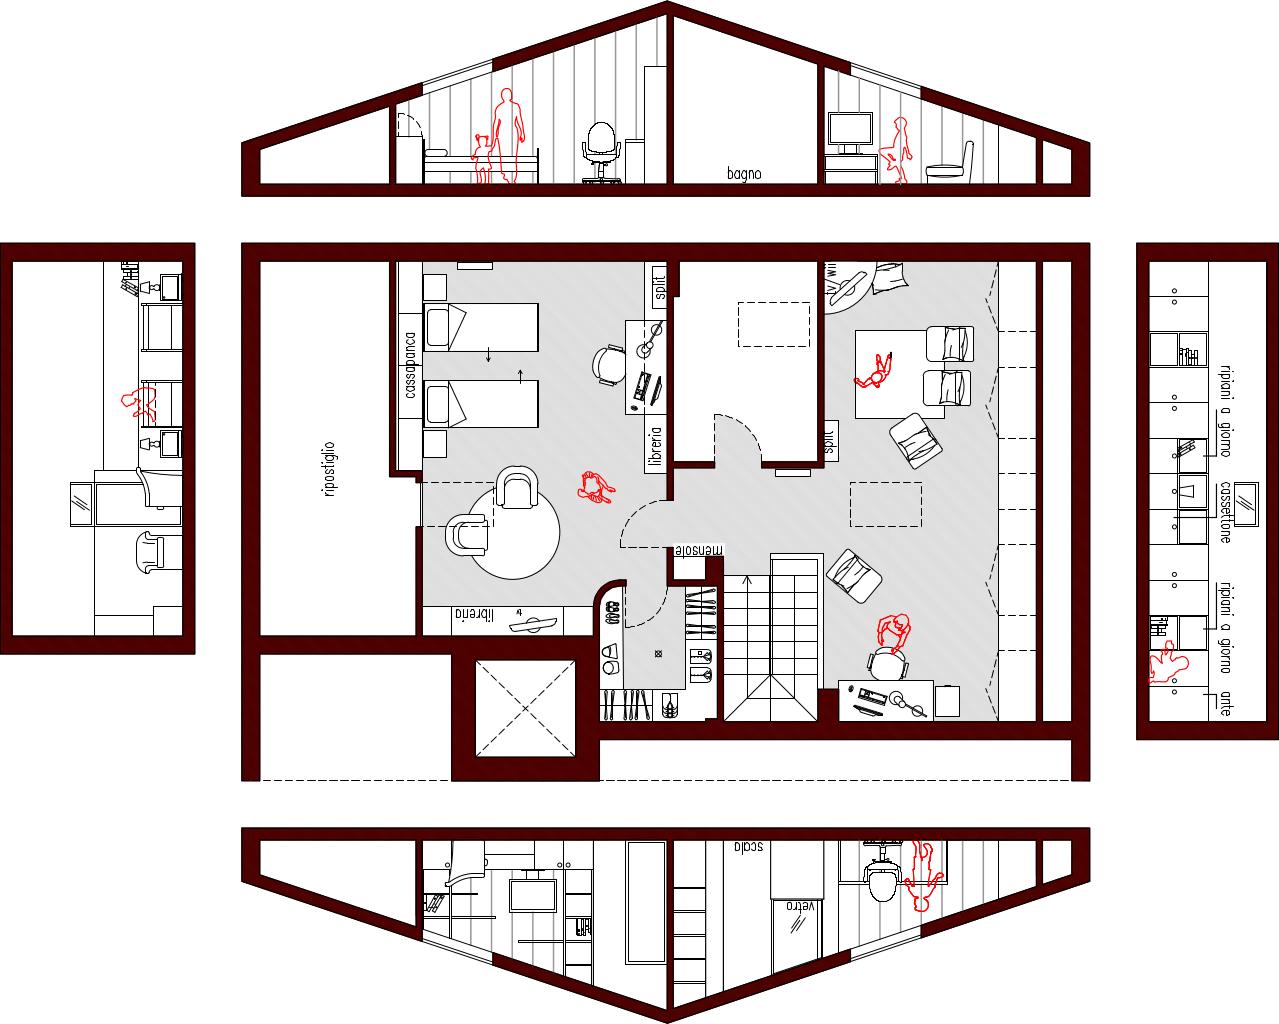 Progetto 80 mq architettura a domicilio for Planimetrie della casa quadrata